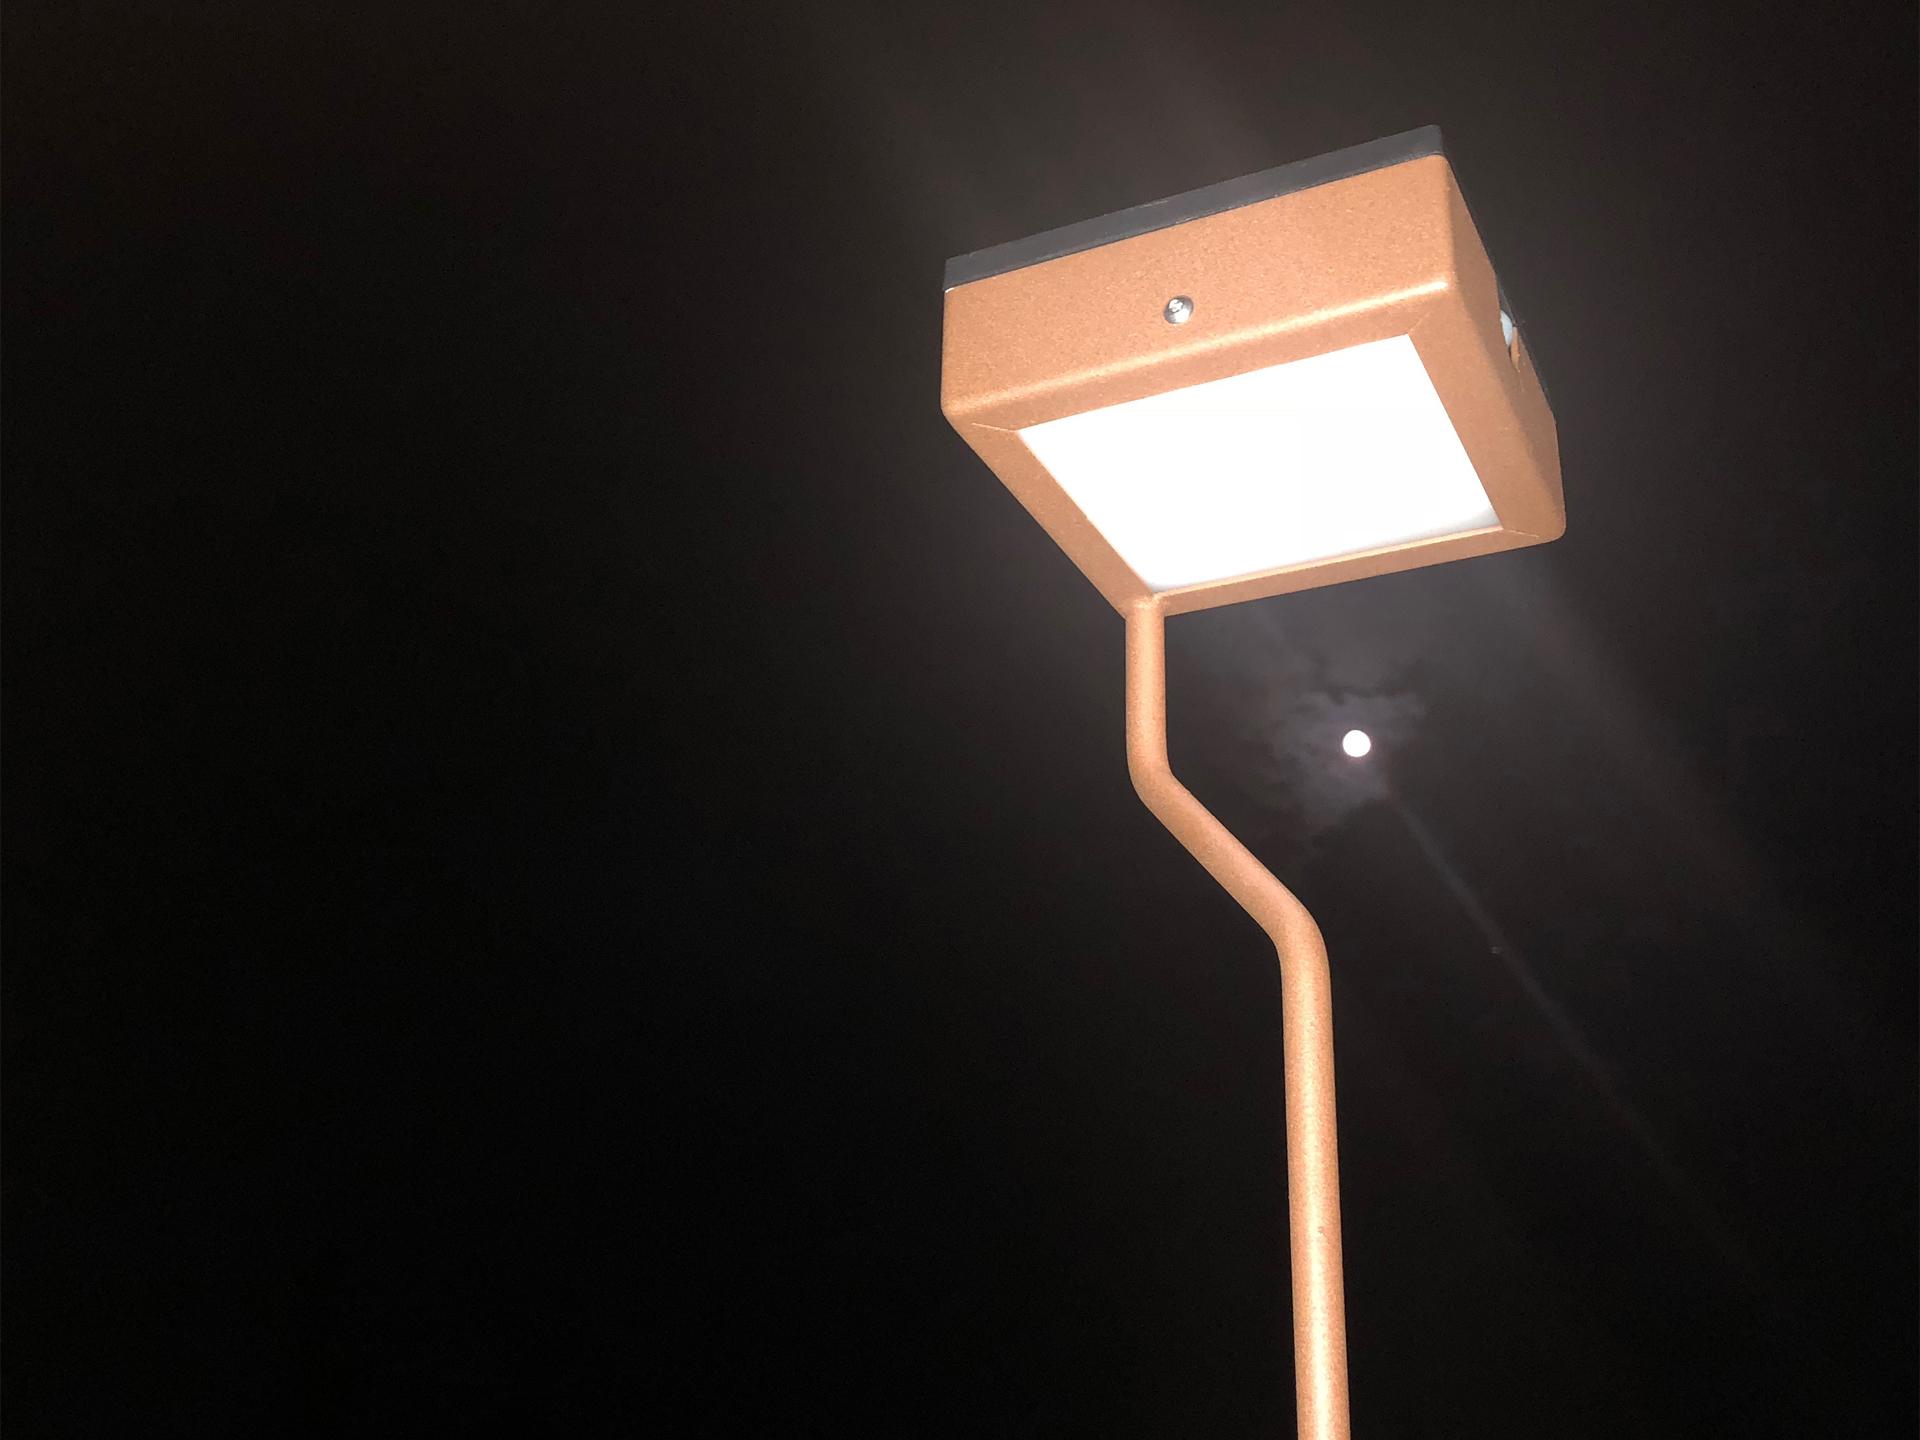 La borne extérieure solaire TEE XL est une lampe extérieure solaire éditée par LYX Luminaires fabriquée en acier inoxydable. Cette borne extérieure solaire permet un éclairage performant et un éclairage puissant. Le luminaire solaire extérieur TEE XL dispose d'un capteur solaire performant. TEE XL est une lampe autonome solaire idéale pour l'éclairage d'entrée, l'éclairage de terrasses, l'éclairage de jardins. Le luminaire d'extérieur solaire TEE XL est également équipé d'un détecteur de mouvement / détecteur de présence. Les luminaires extérieurs solaires LYX Luminaires offrent un éclairage design un éclairage original et un éclairage moderne. / Lampe extérieure jardin pour un éclairage extérieur design. Version lampe solaire jardin ou lampe jardin LED. Cette lampe de jardin ou lampe terrasse est une lampe de jardin avec détecteur. Fabriquée en acier, la lampe jardin détecteur permet un éclairage solaire ou un éclairage LED puissant selon le modèle choisi. Découvrez la collection de luminaires extérieurs constituée de lampes solaires et lampes LED. Vaste collection d'appliques extérieures / appliques murales : applique murale extérieure solaire, applique murale LED, applique extérieure design. Les appliques extérieures murales sont de fabrication française. Lampe solaire idéale pour l'éclairage de terrasses, de jardin. Lampe solaire terrasse, lampe extérieure terrasse permettant un éclairage performant. La lampe extérieure est équipée d'un détecteur de présence. Le luminaire extérieur doté d'un détecteur de mouvement, éclaire au passage d'une personne d'une voiture. Lampe extérieure détecteur puissante et efficace, au design épuré et moderne.